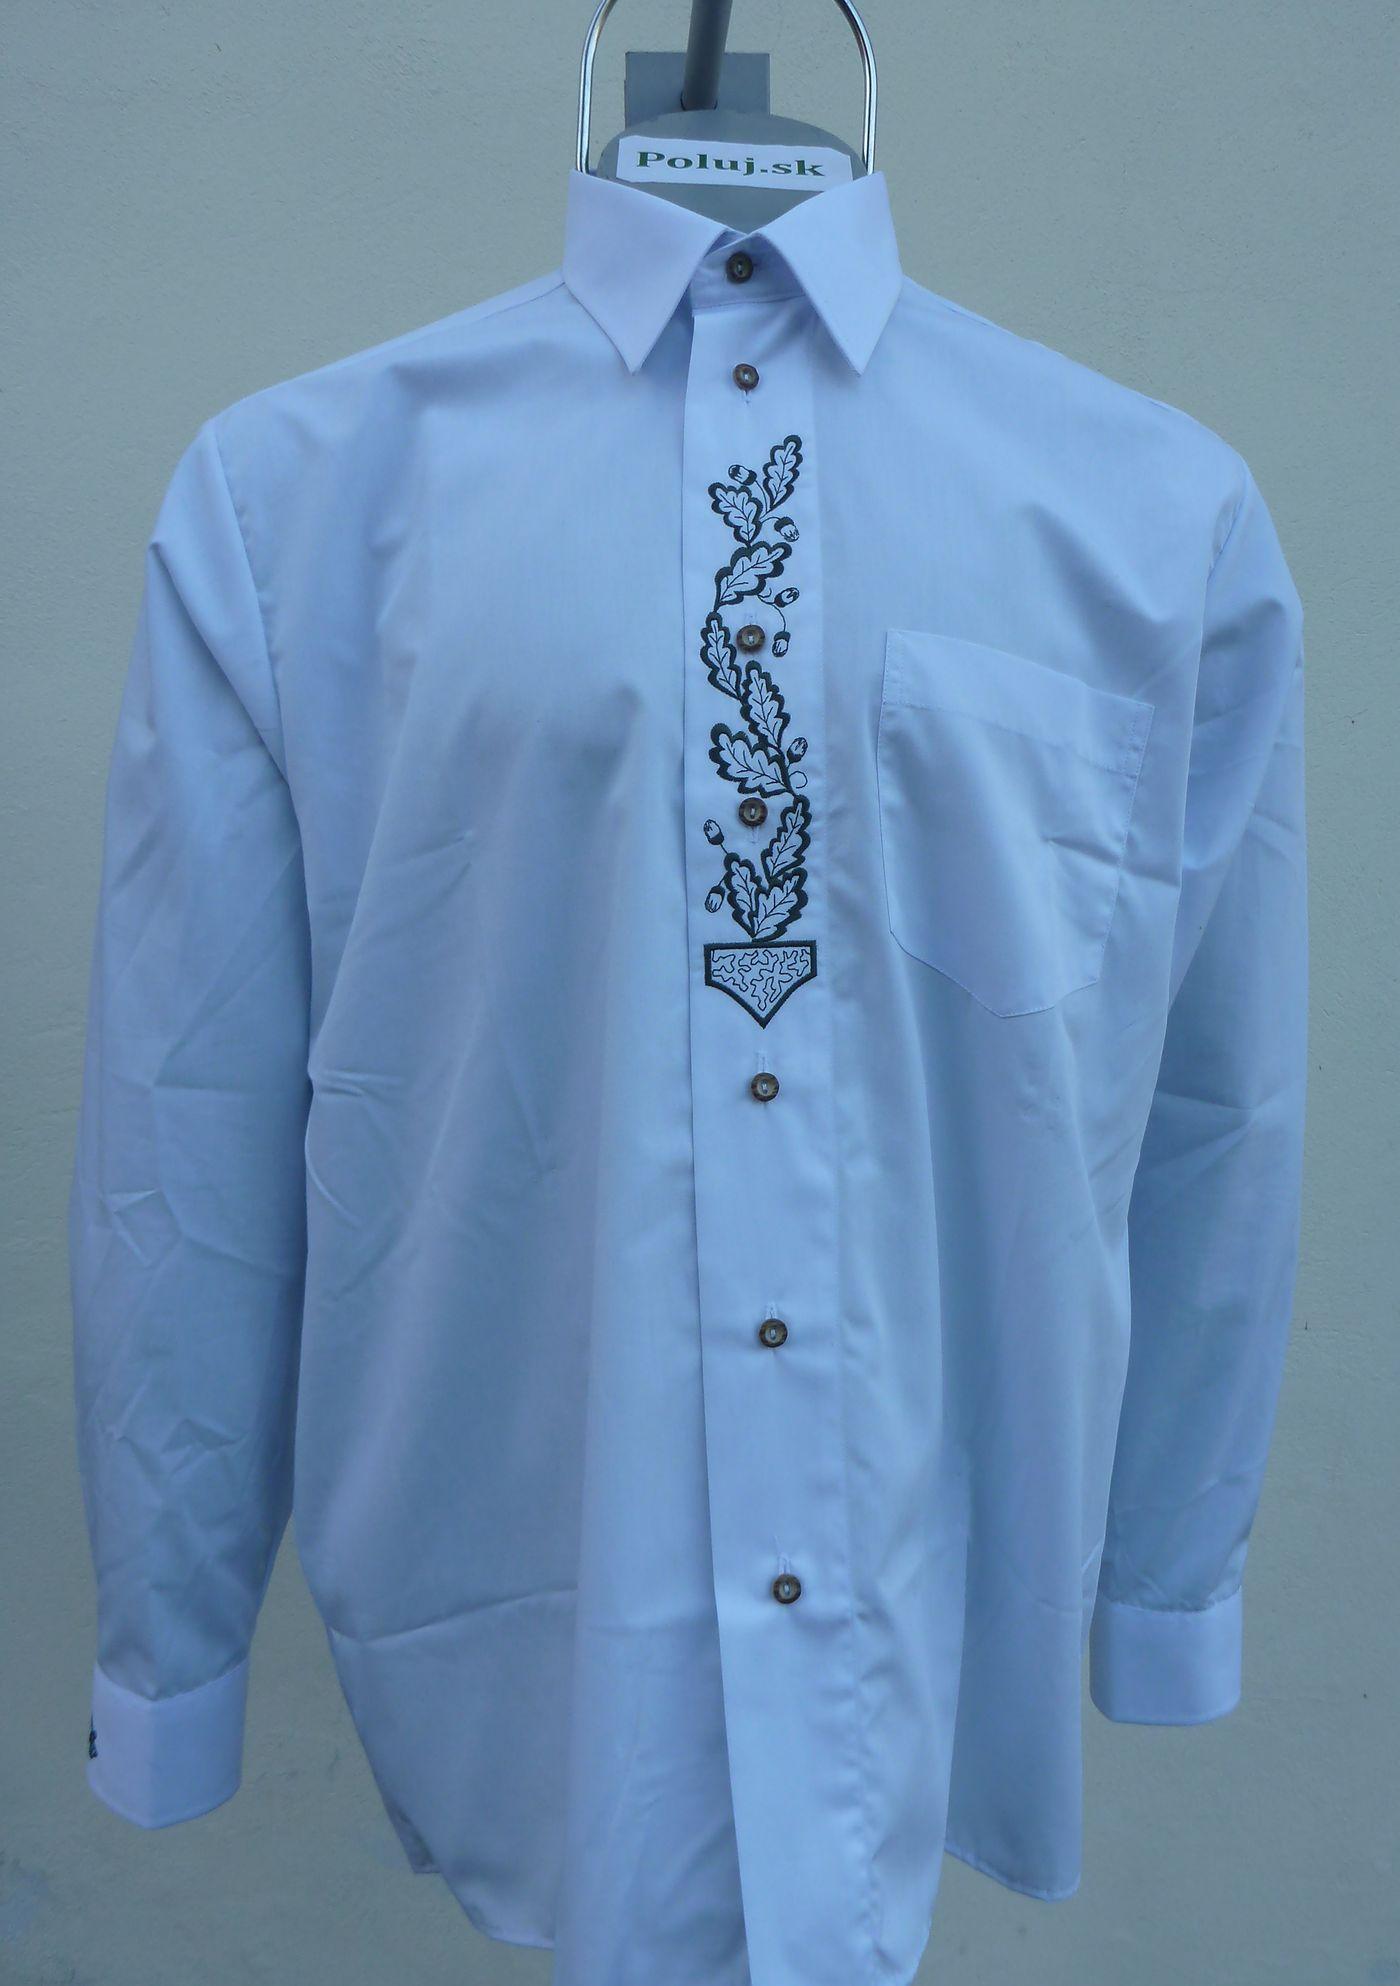 b4204921da Biela košeľa s výšivkou